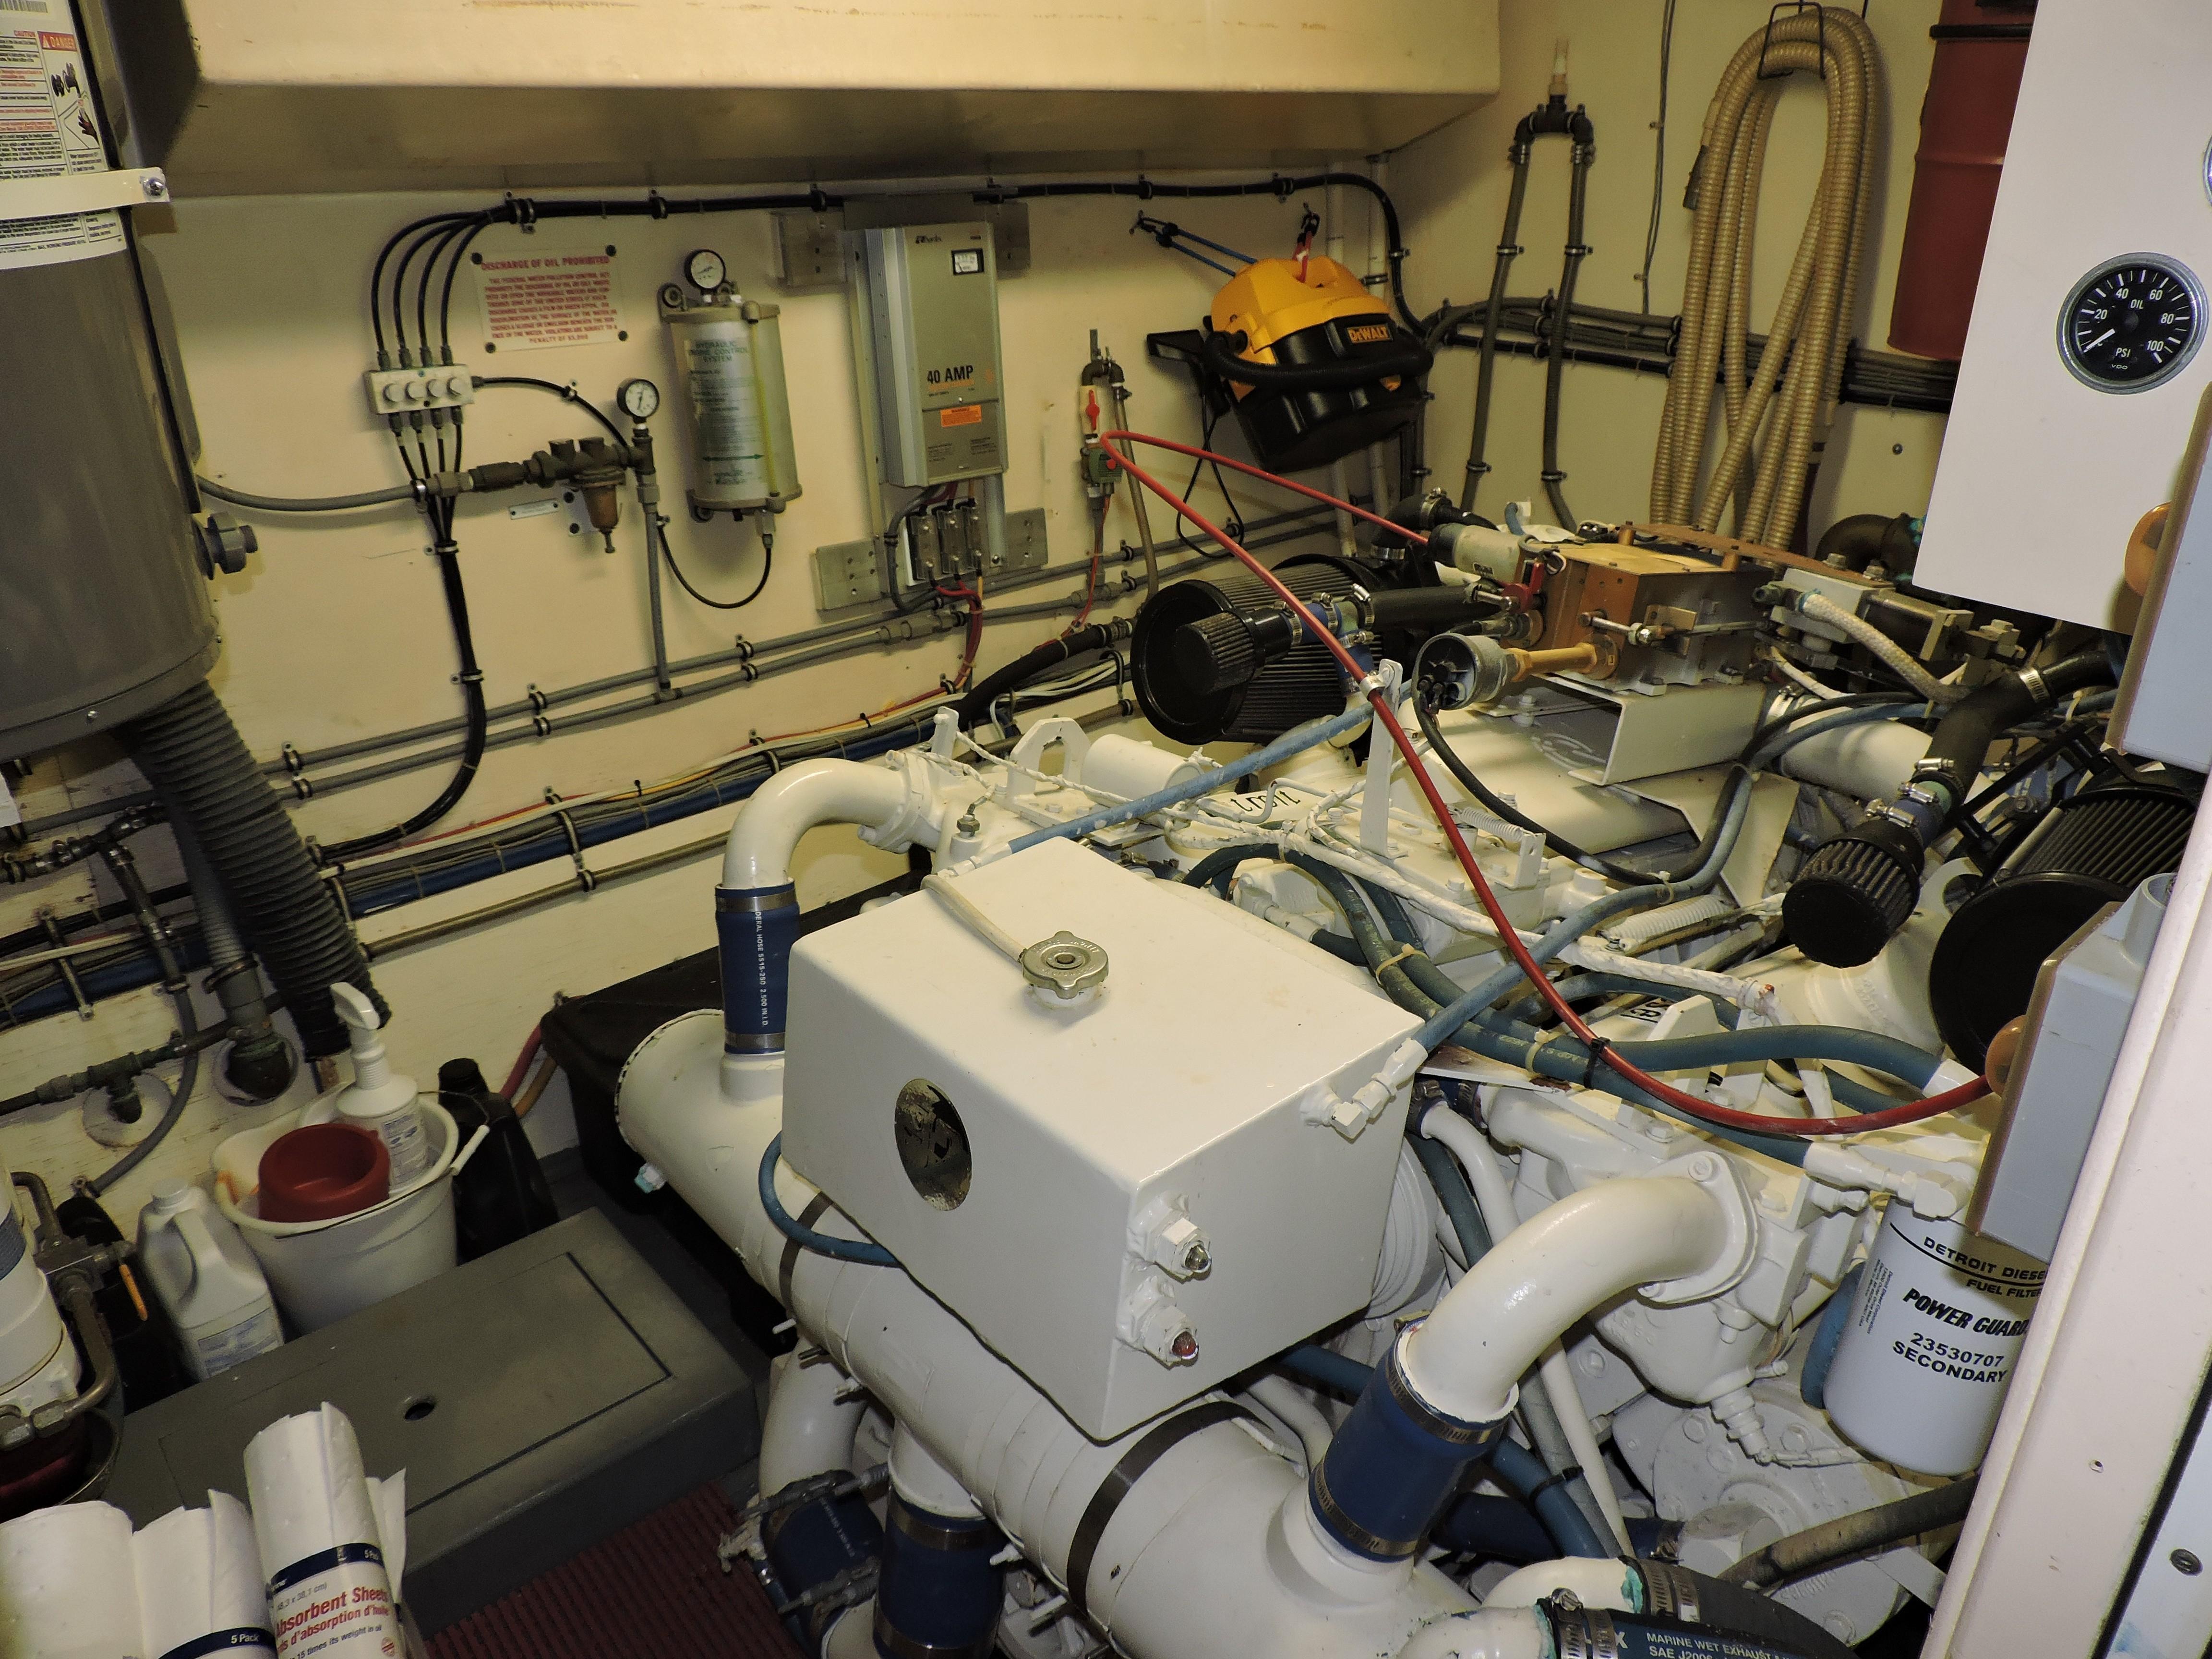 Serenity Hatteras 60 Yachts For Sale Garmin 5212 Chartplotter Marine Wiring Diagram Starboard Engine Room